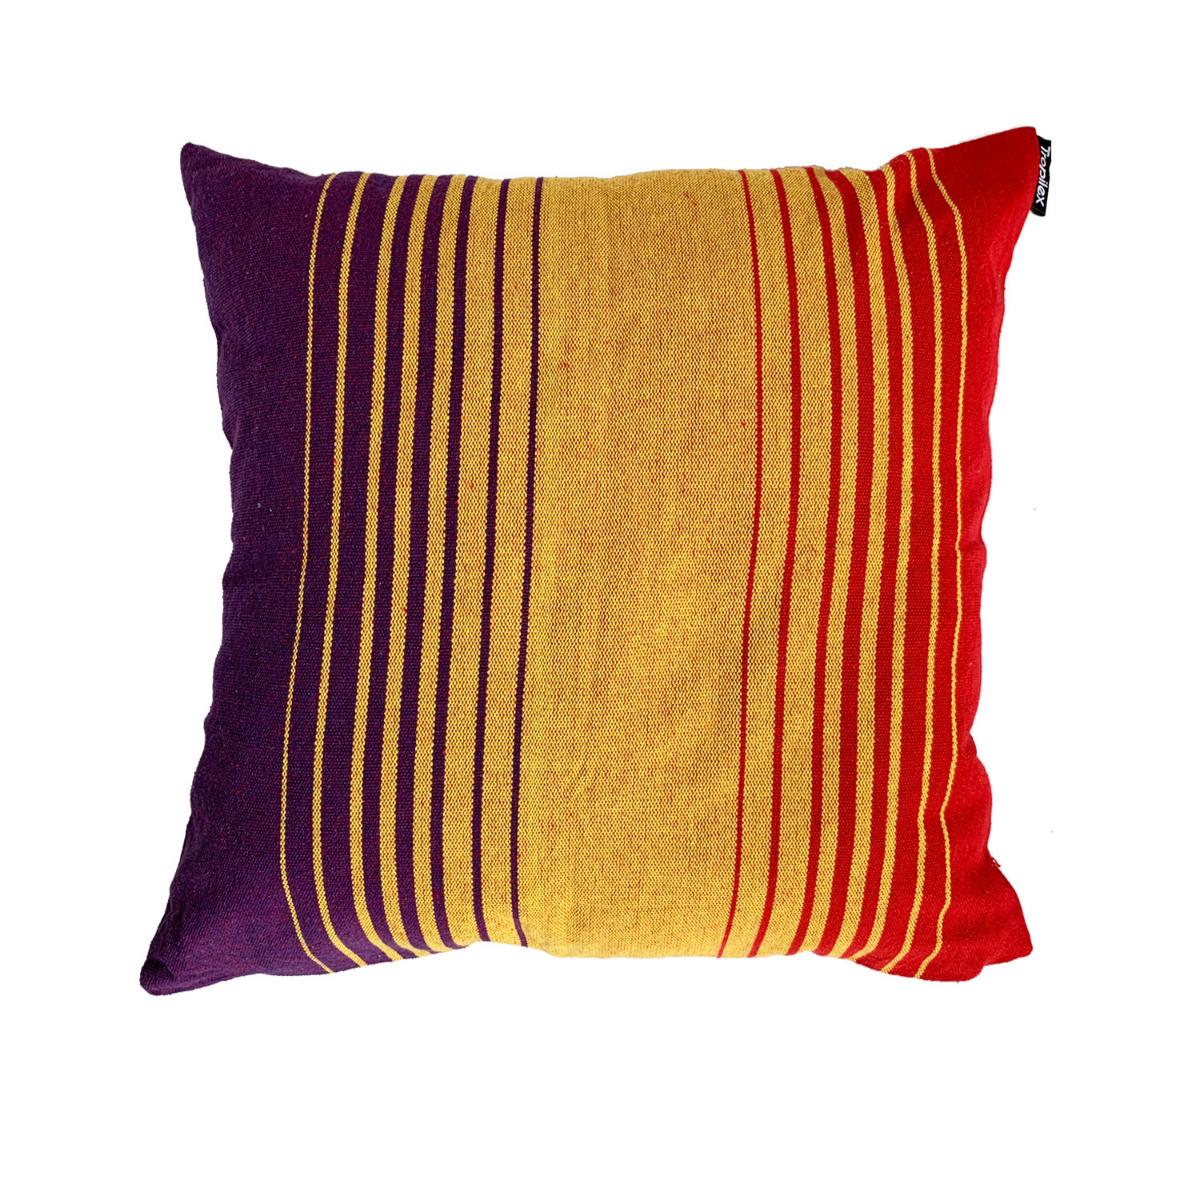 Kussen in de kleur veelkleurig van het merk tropilex ®. kussen uit de refresh serie. gemaakt van polycotton. ...